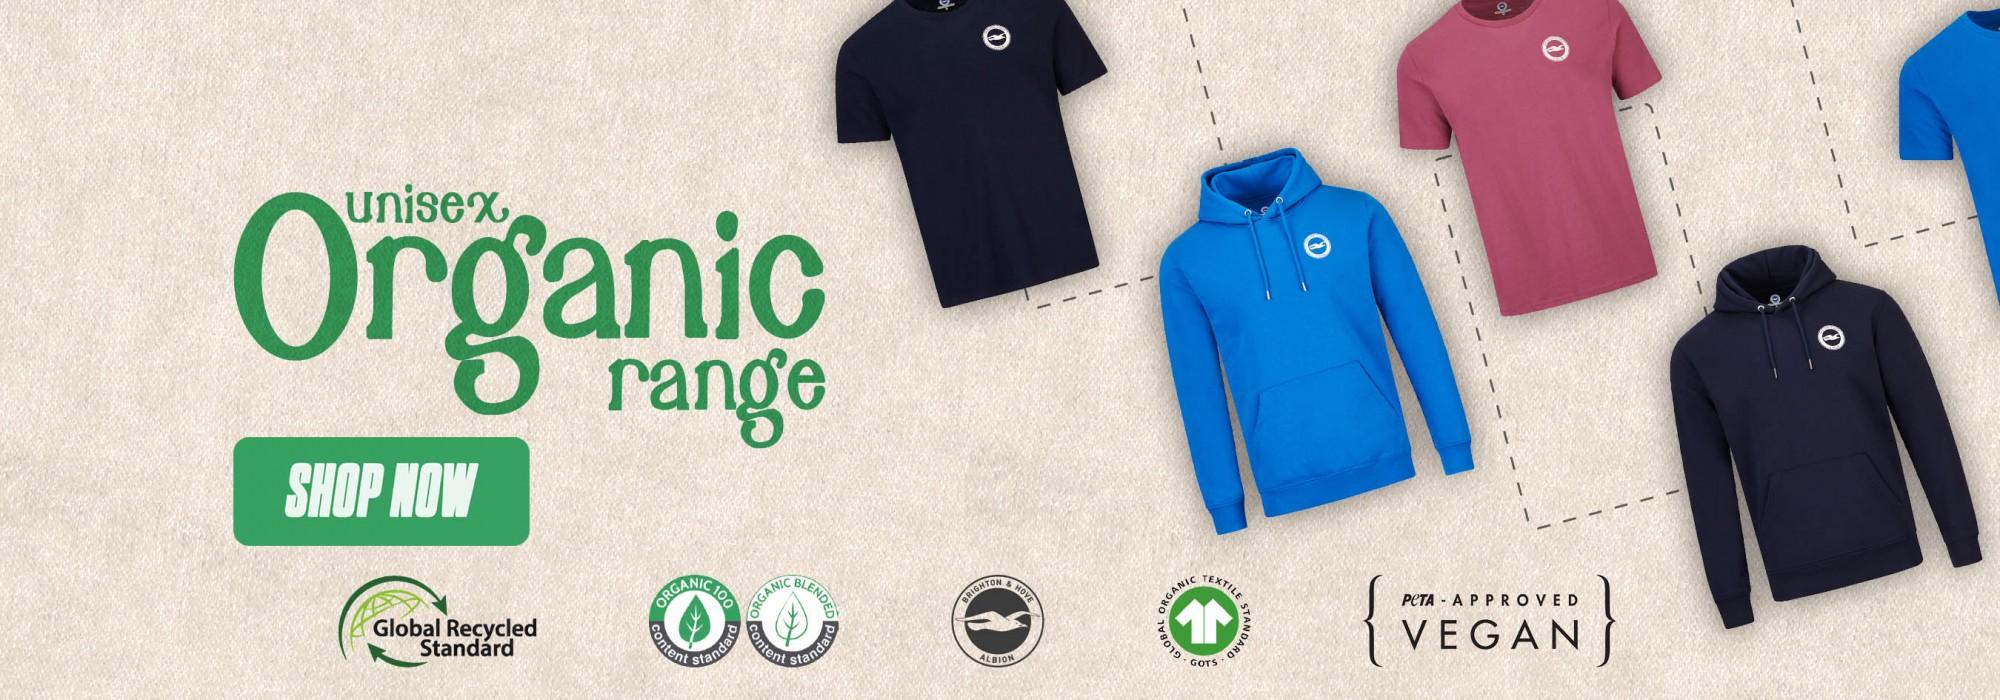 New Organic Unisex Range, Buy Now!